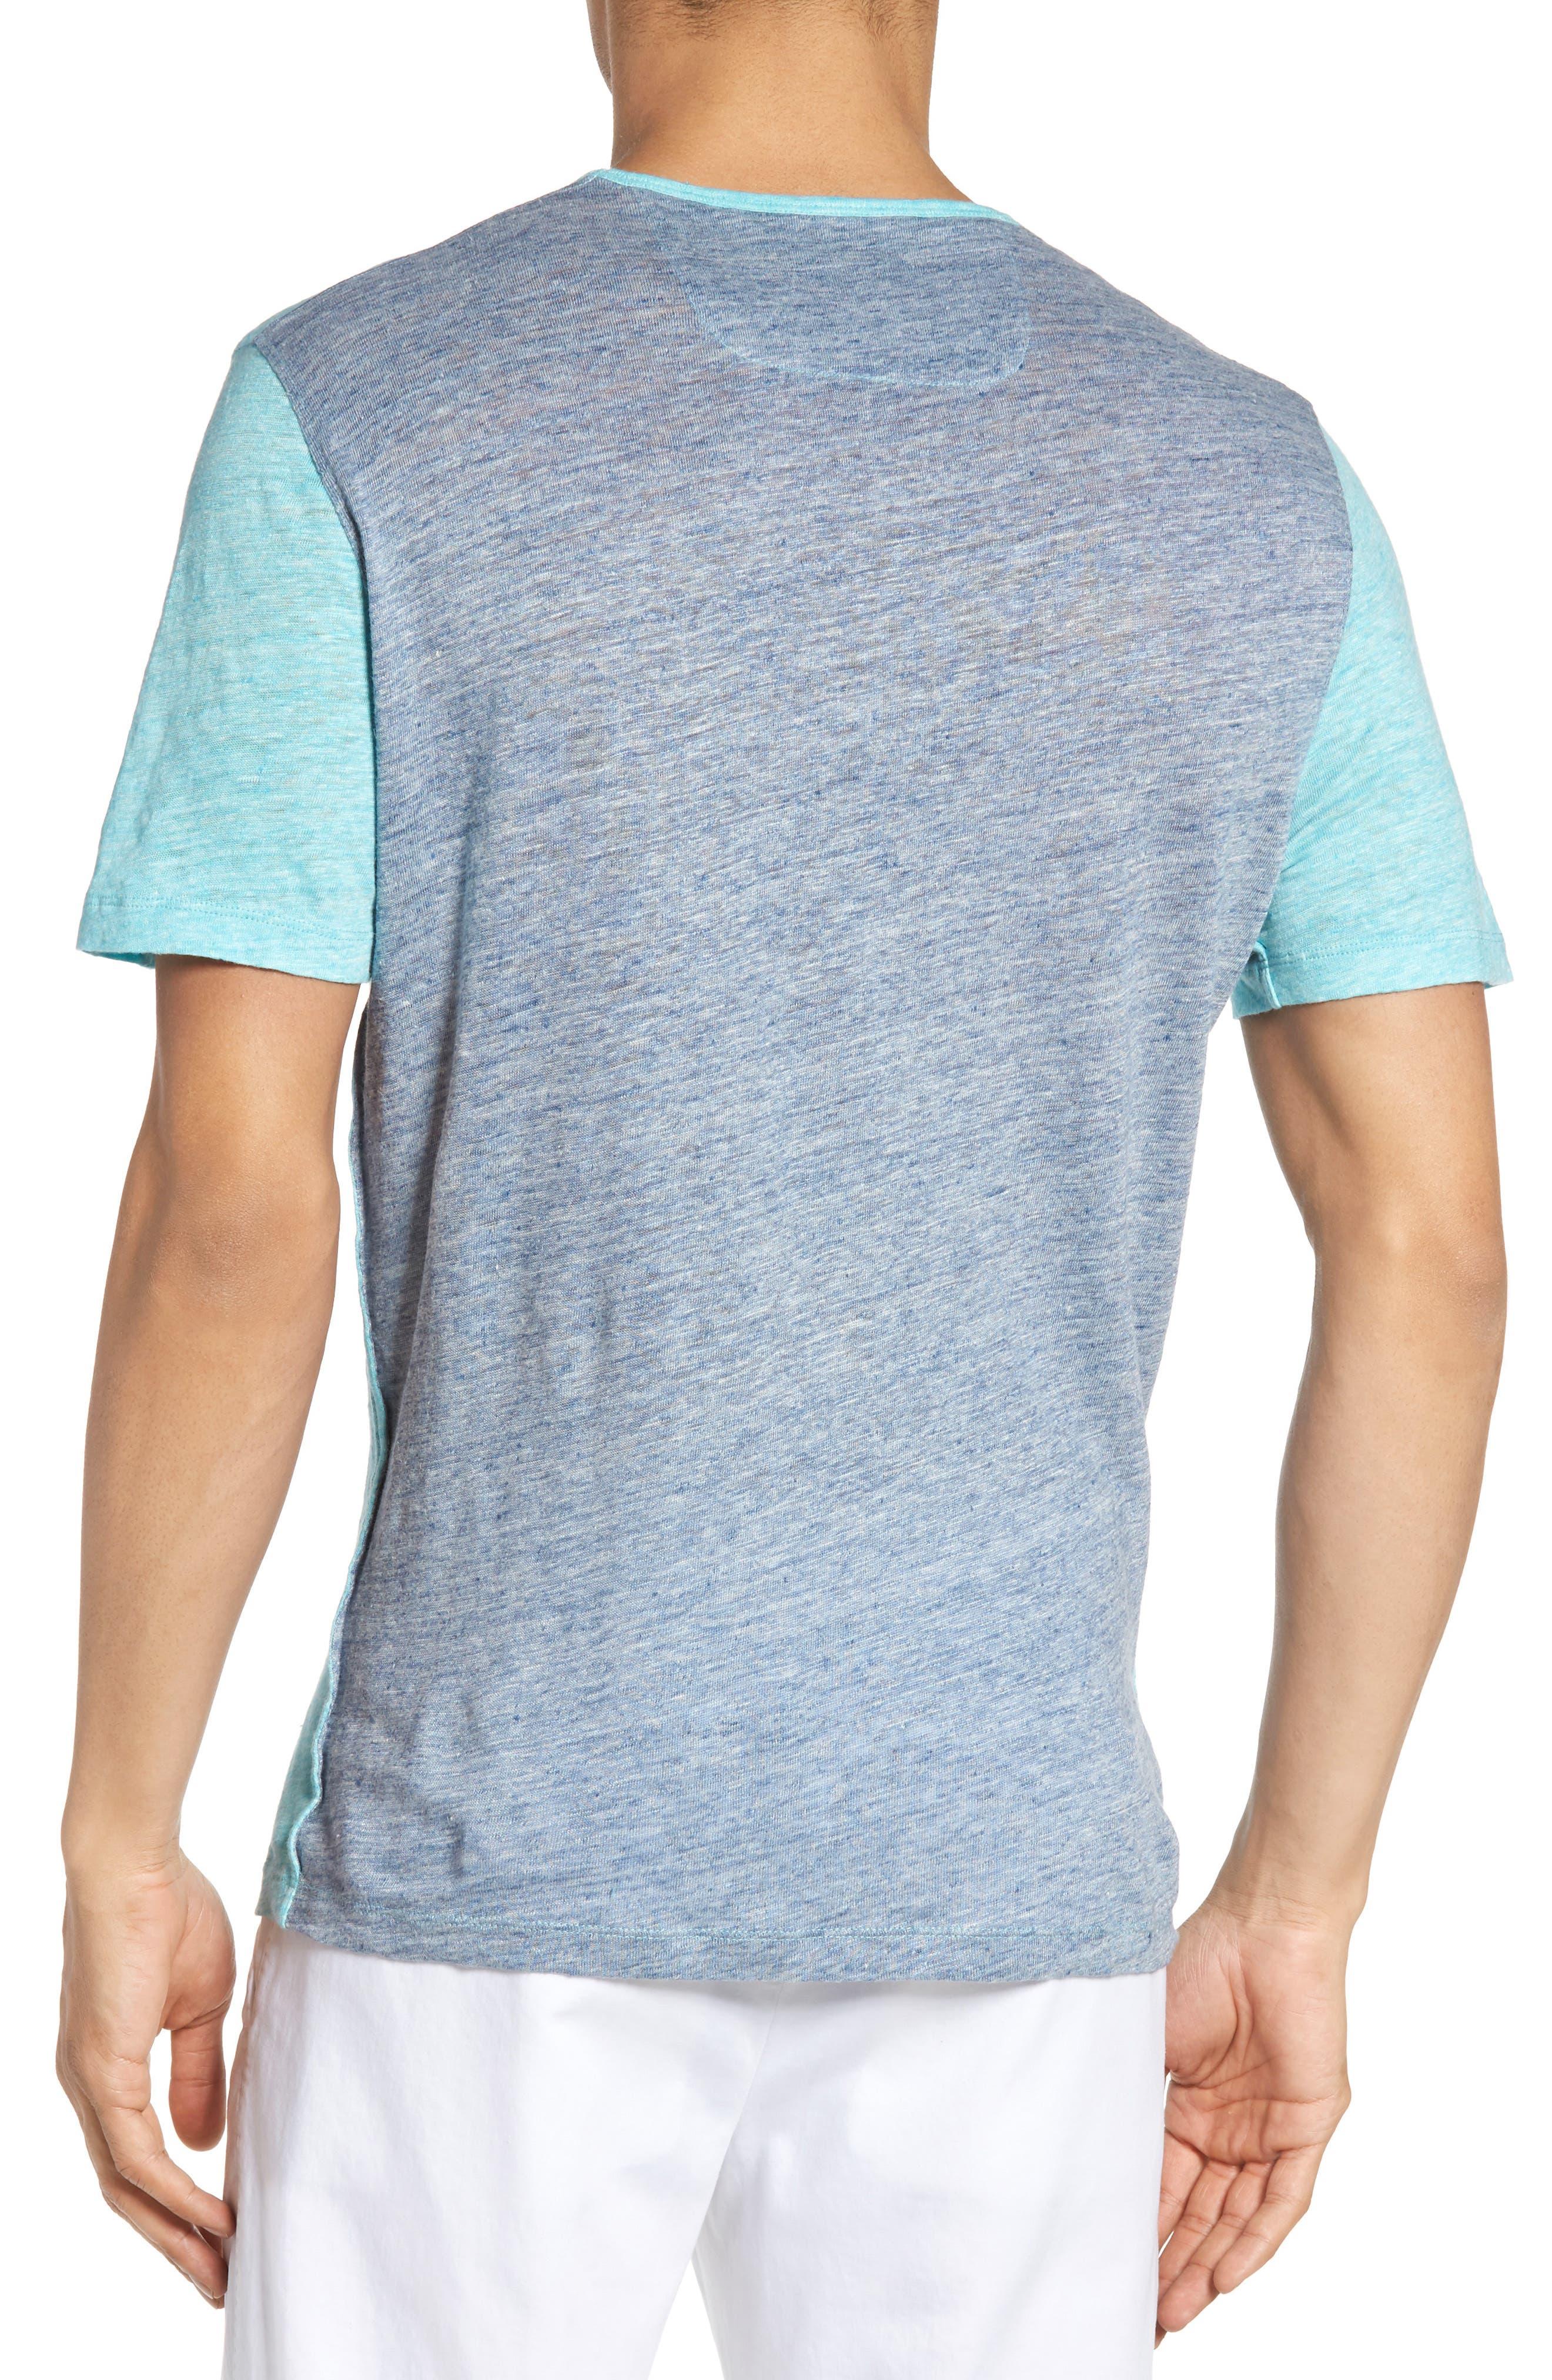 Monad Colorblock Linen T-Shirt,                             Alternate thumbnail 2, color,                             Aqua